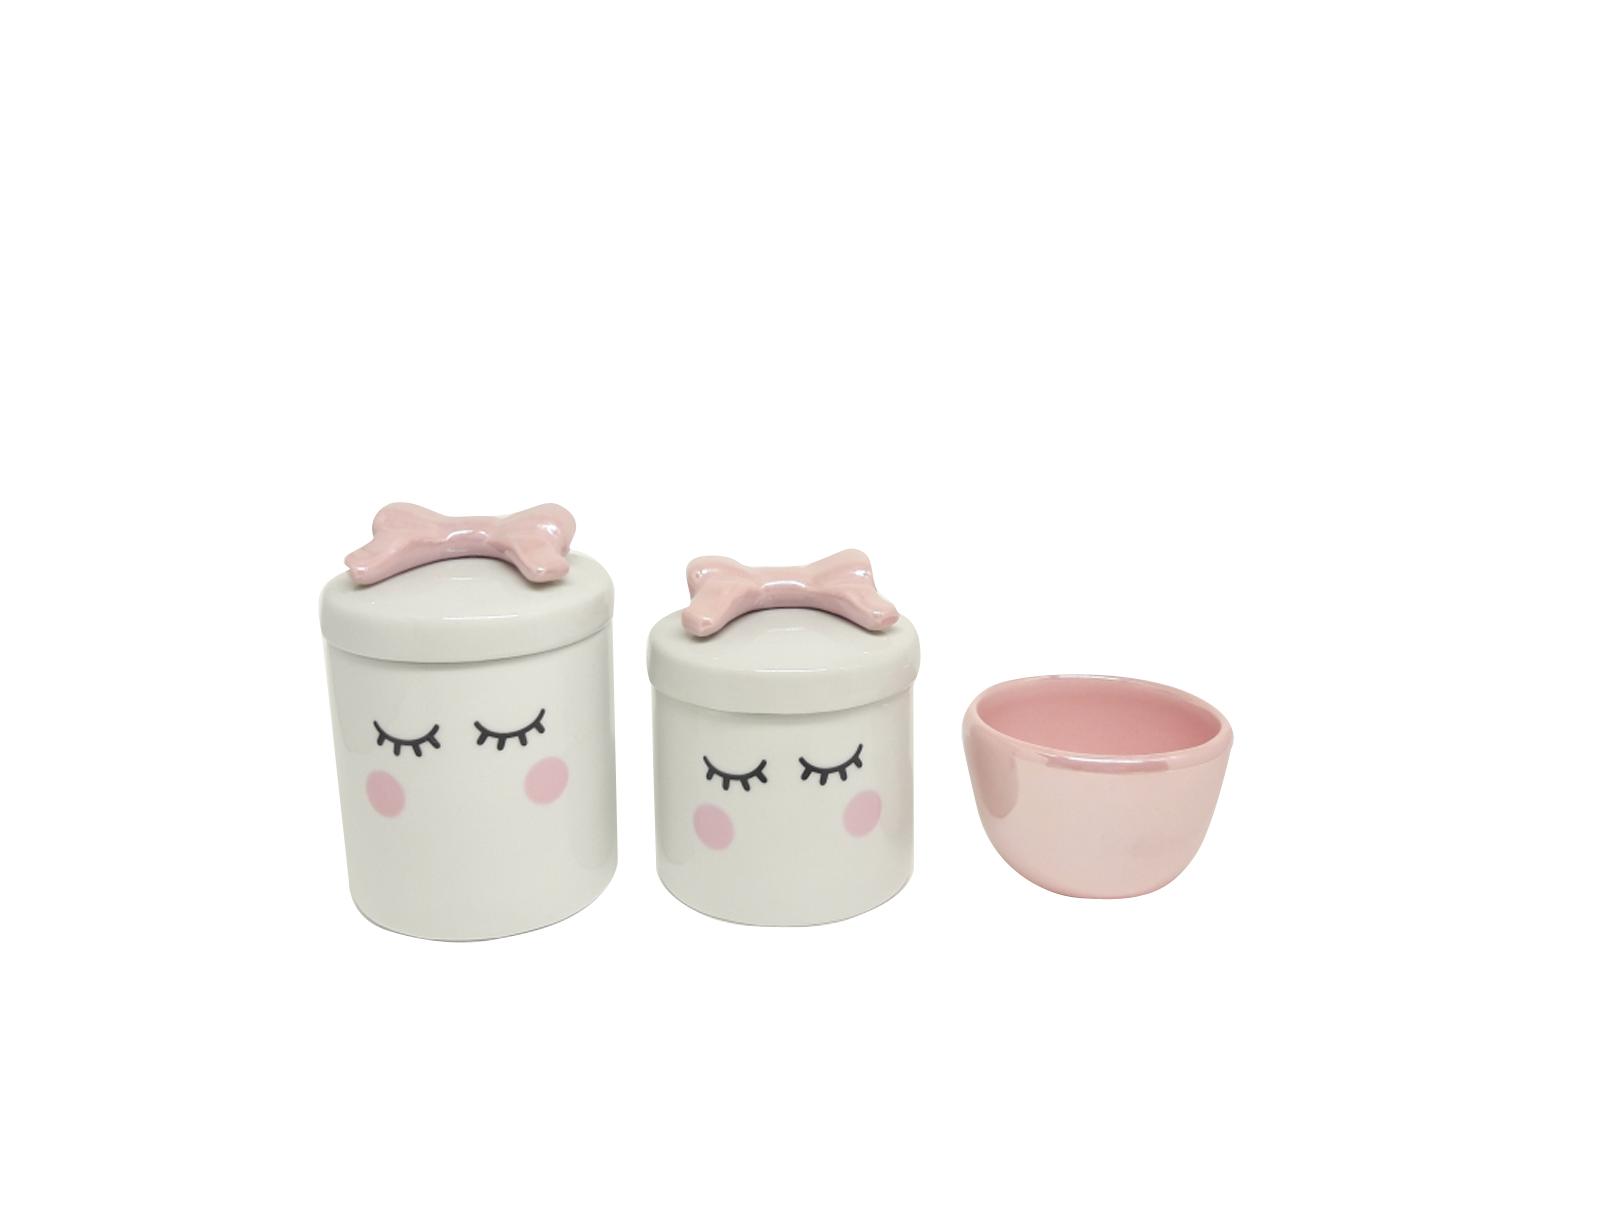 Kit Higiene Bebê Porcelana | Olhinhos Cílios com Laço Rosa em Cerâmica |  3 peças